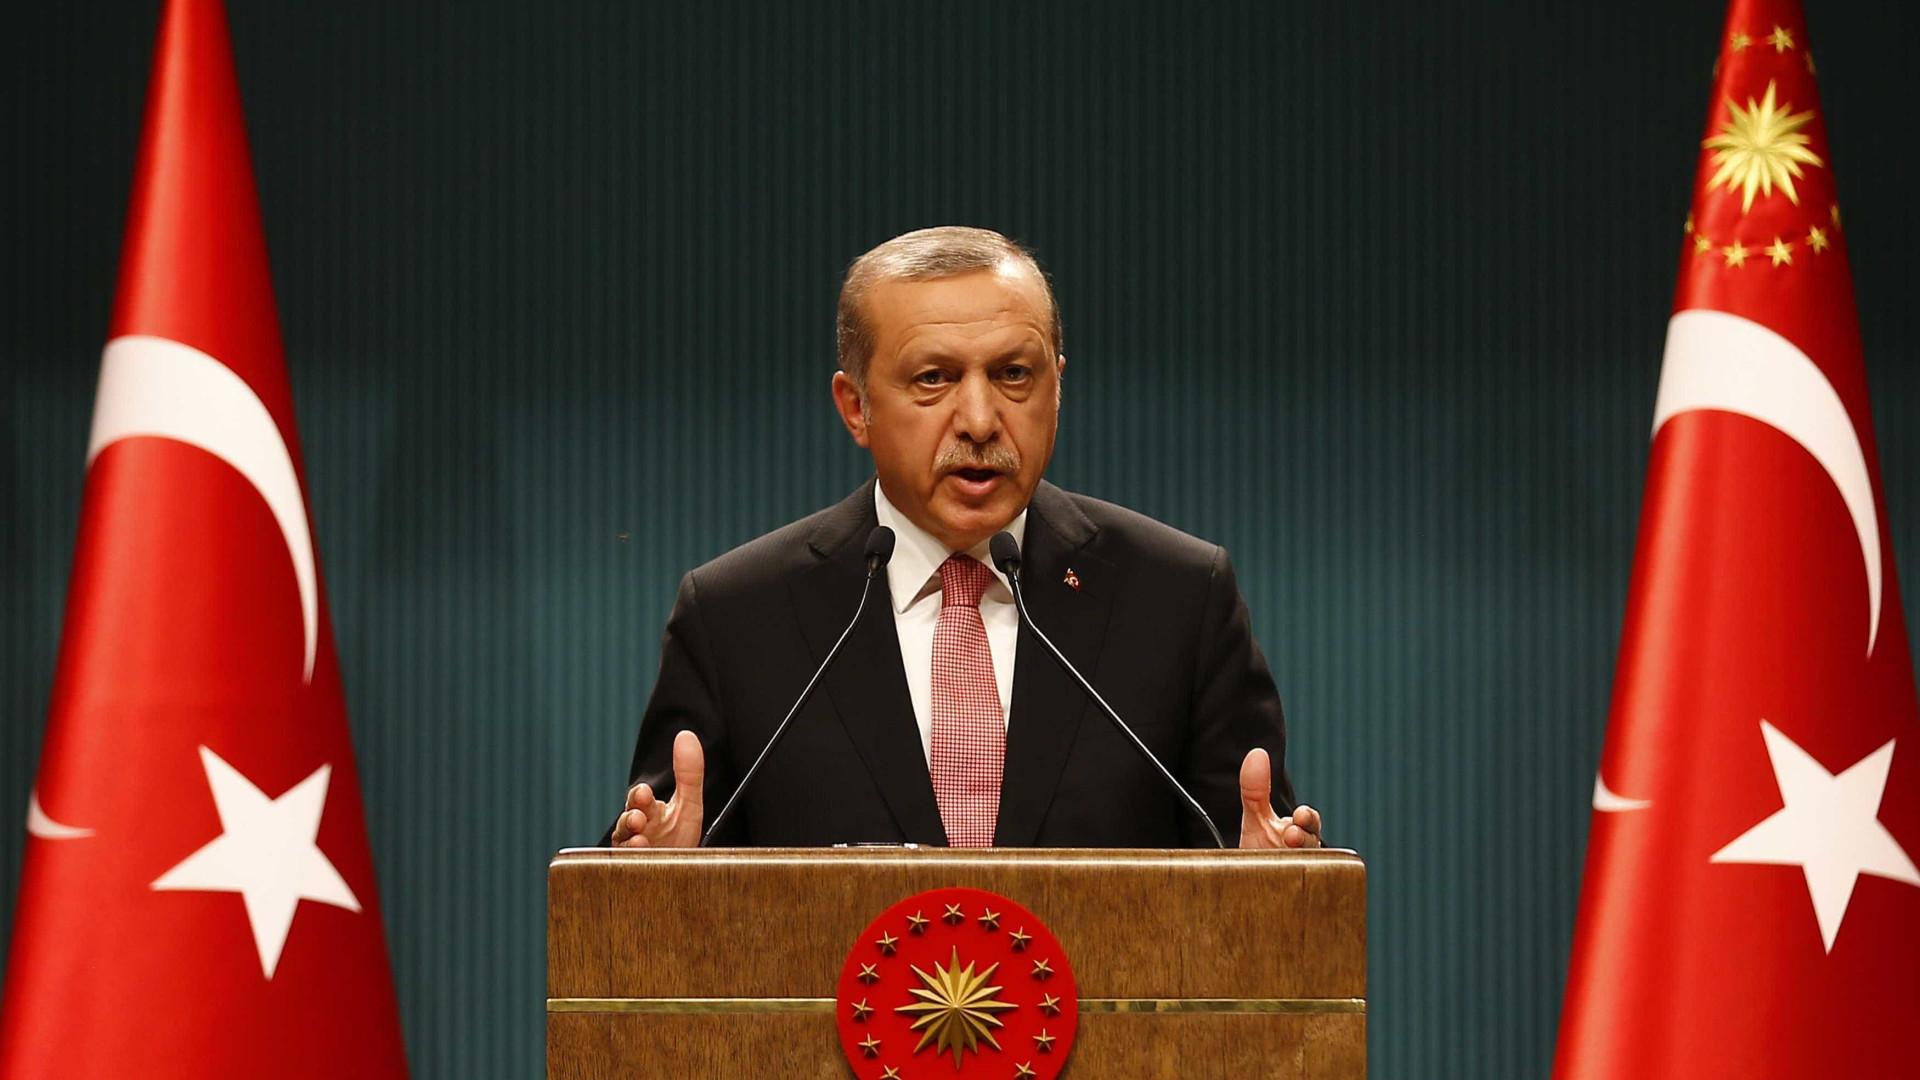 Turquia quer que Israel retire detetores de metais de perto das mesquitas